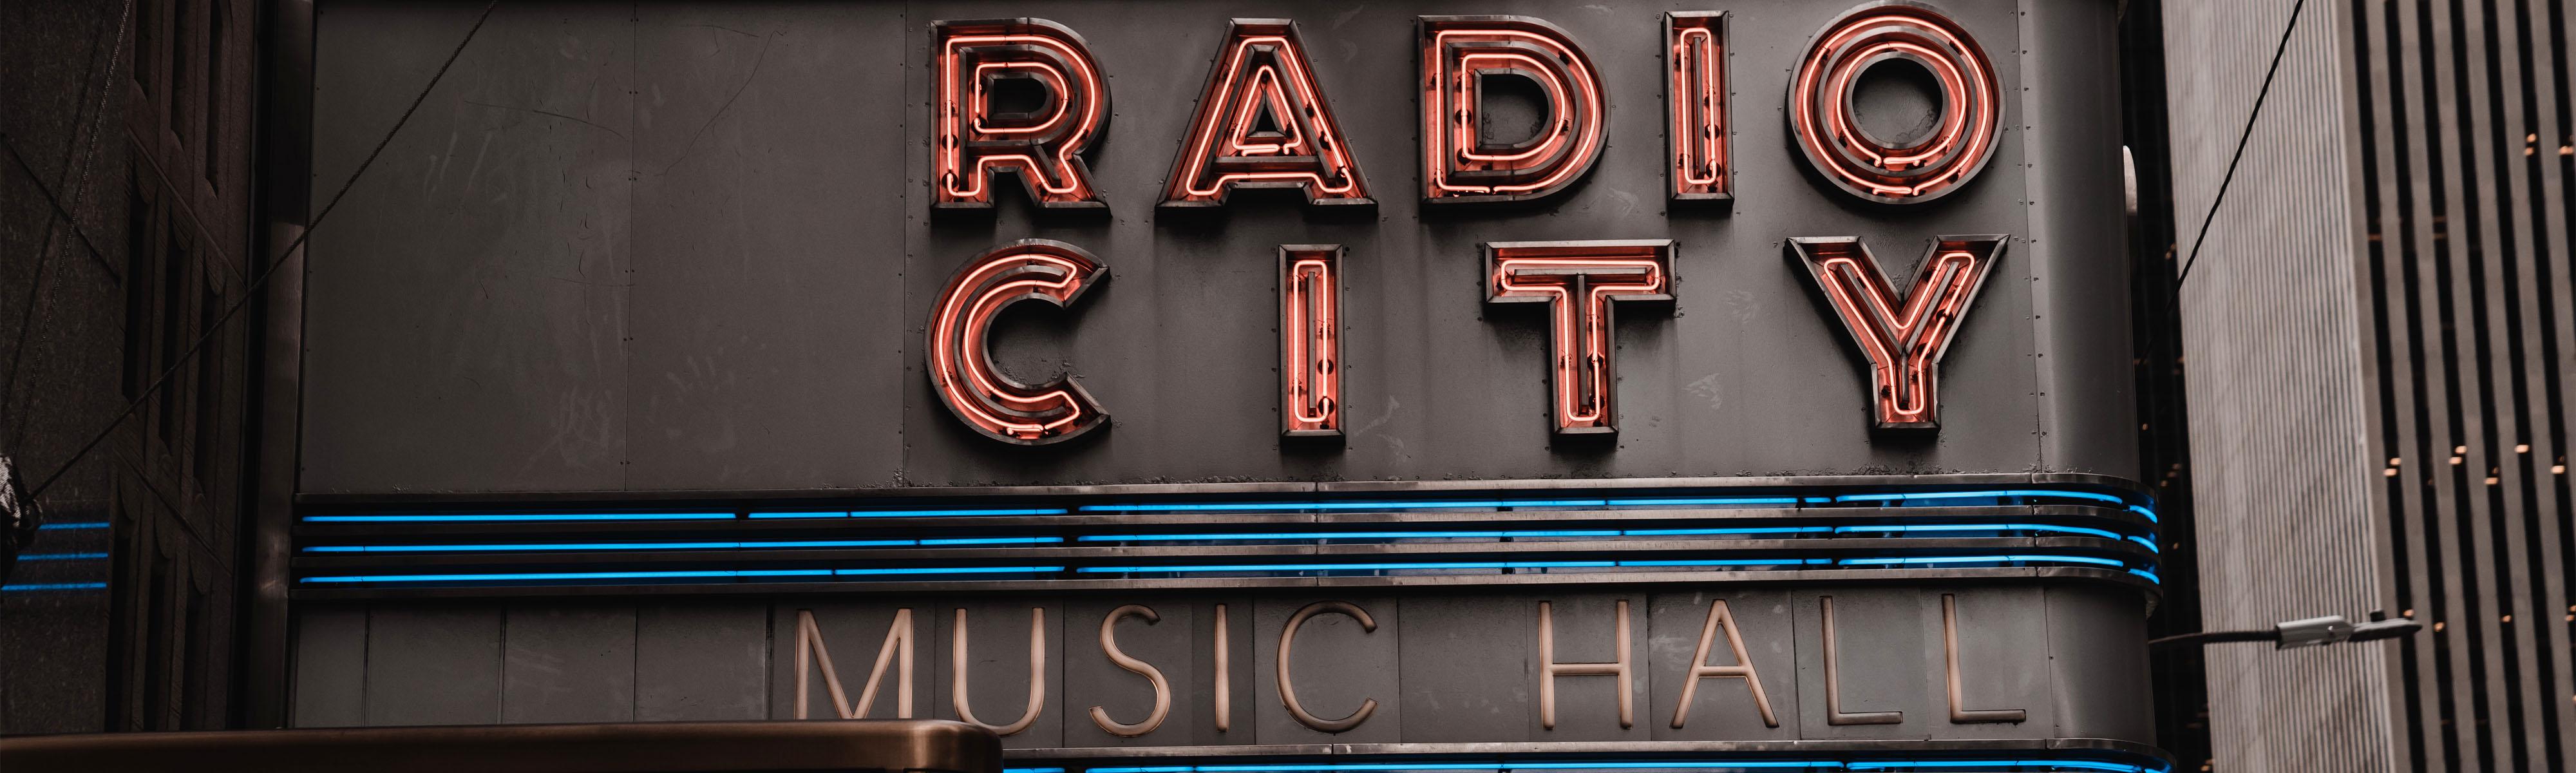 Slider - Radio - City Hall